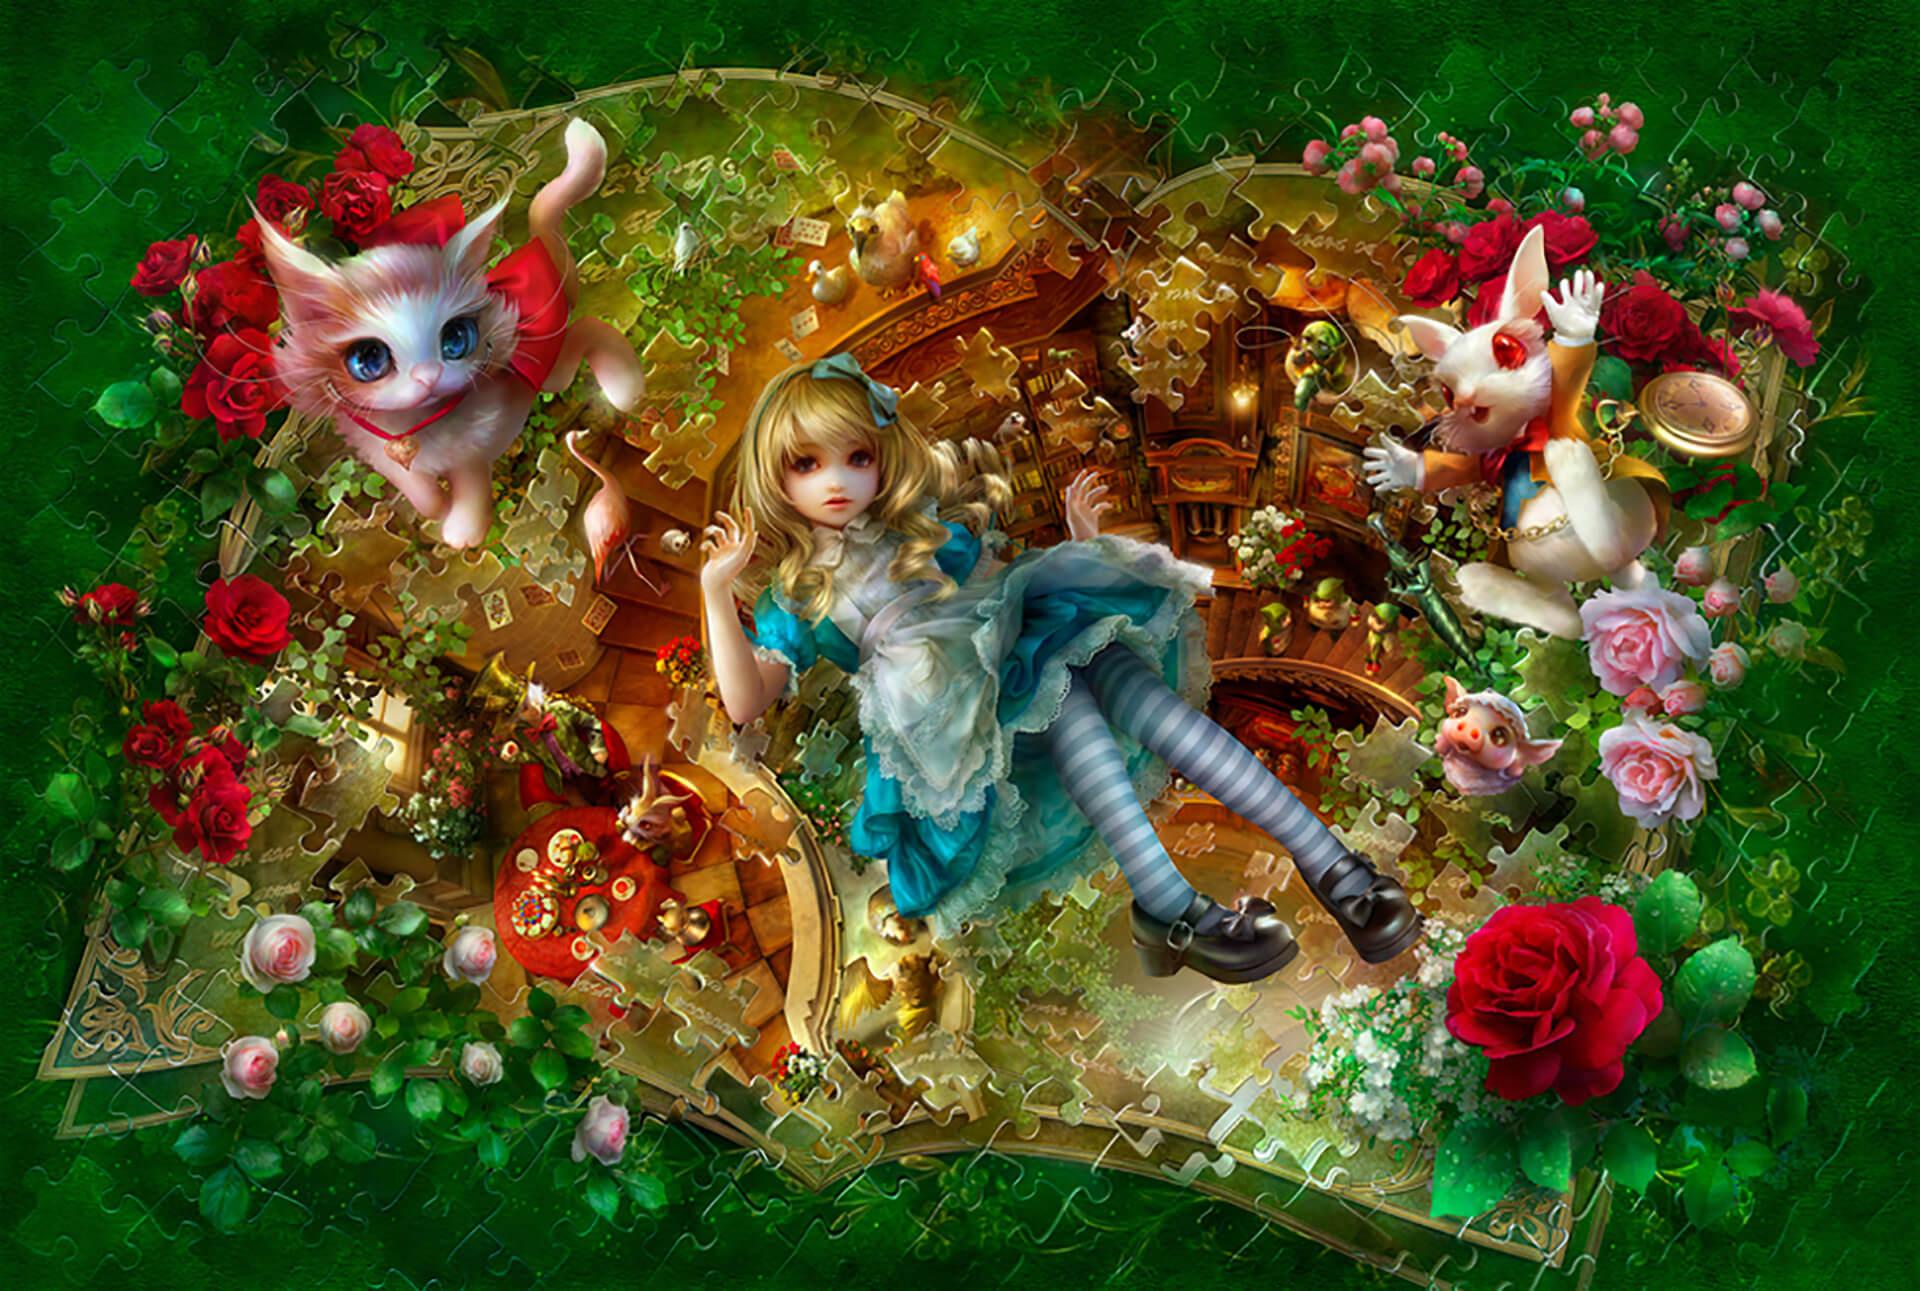 Alice Re:Birth